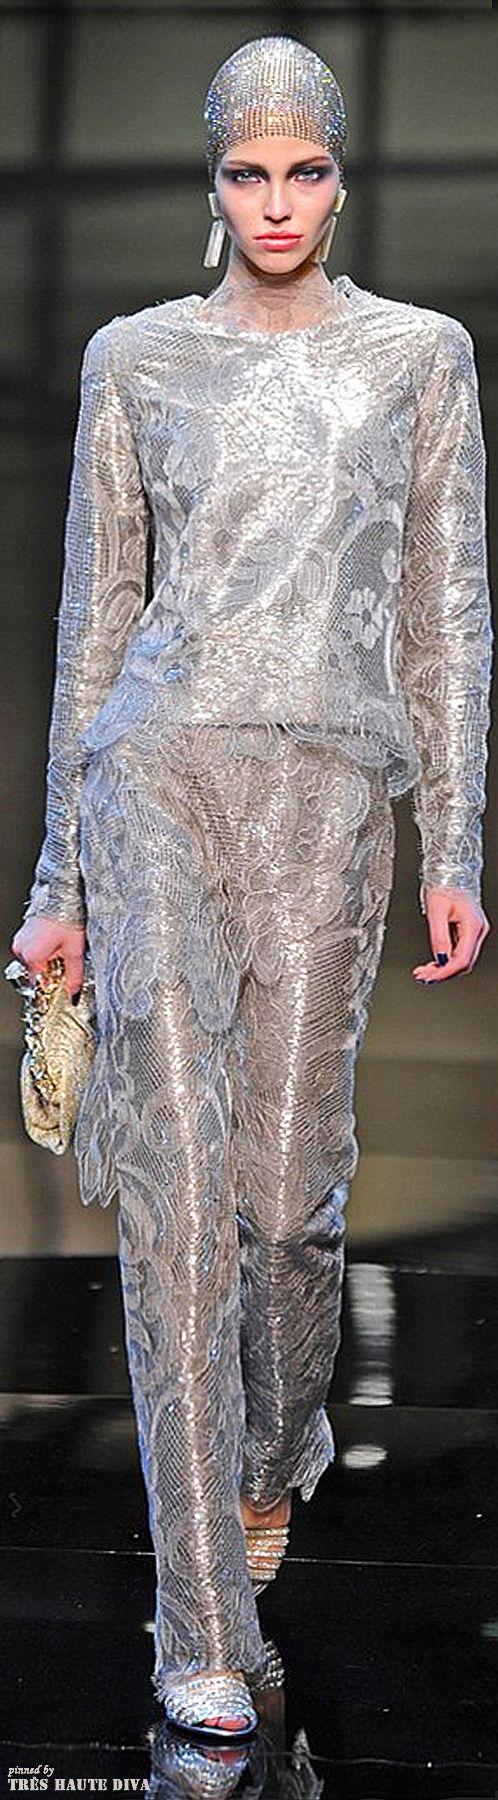 Giorgio Armani Privé Couture Spring 2014 | The House of Beccaria~